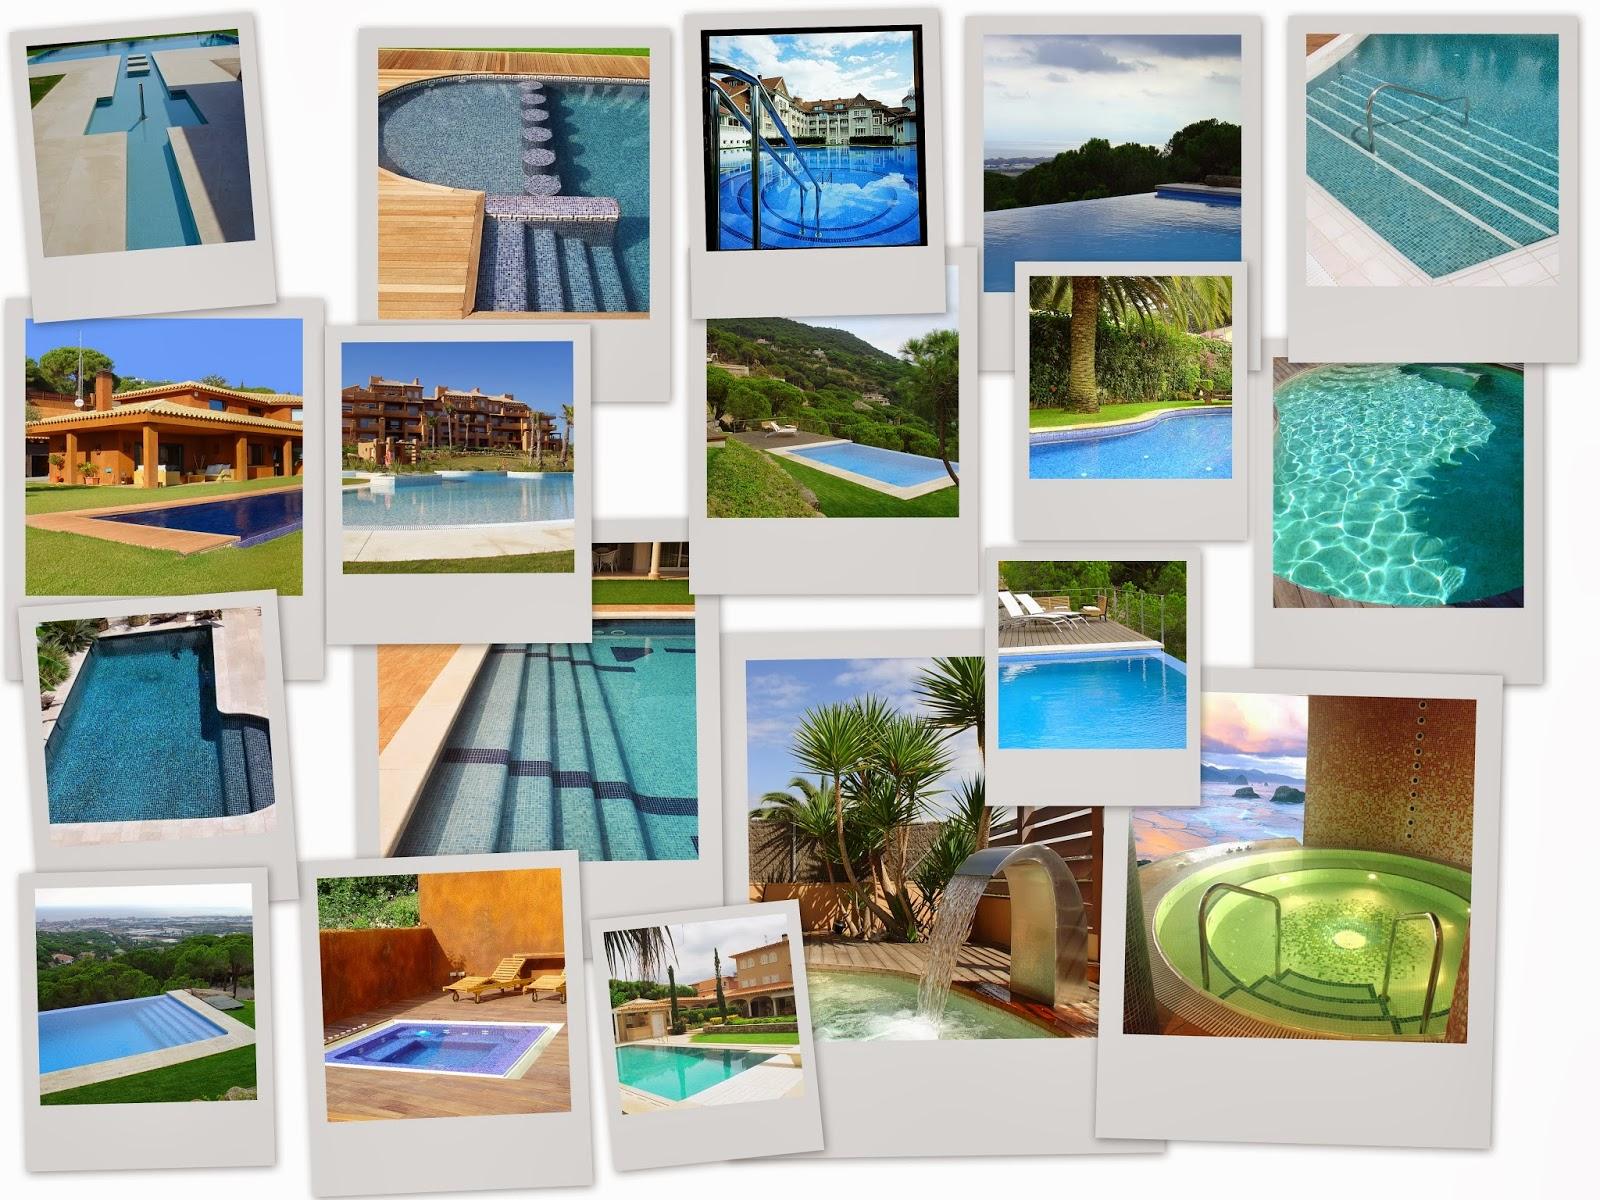 Hisbalit mosaico nuevo cat logo de piscinas - Catalogo de piscinas ...